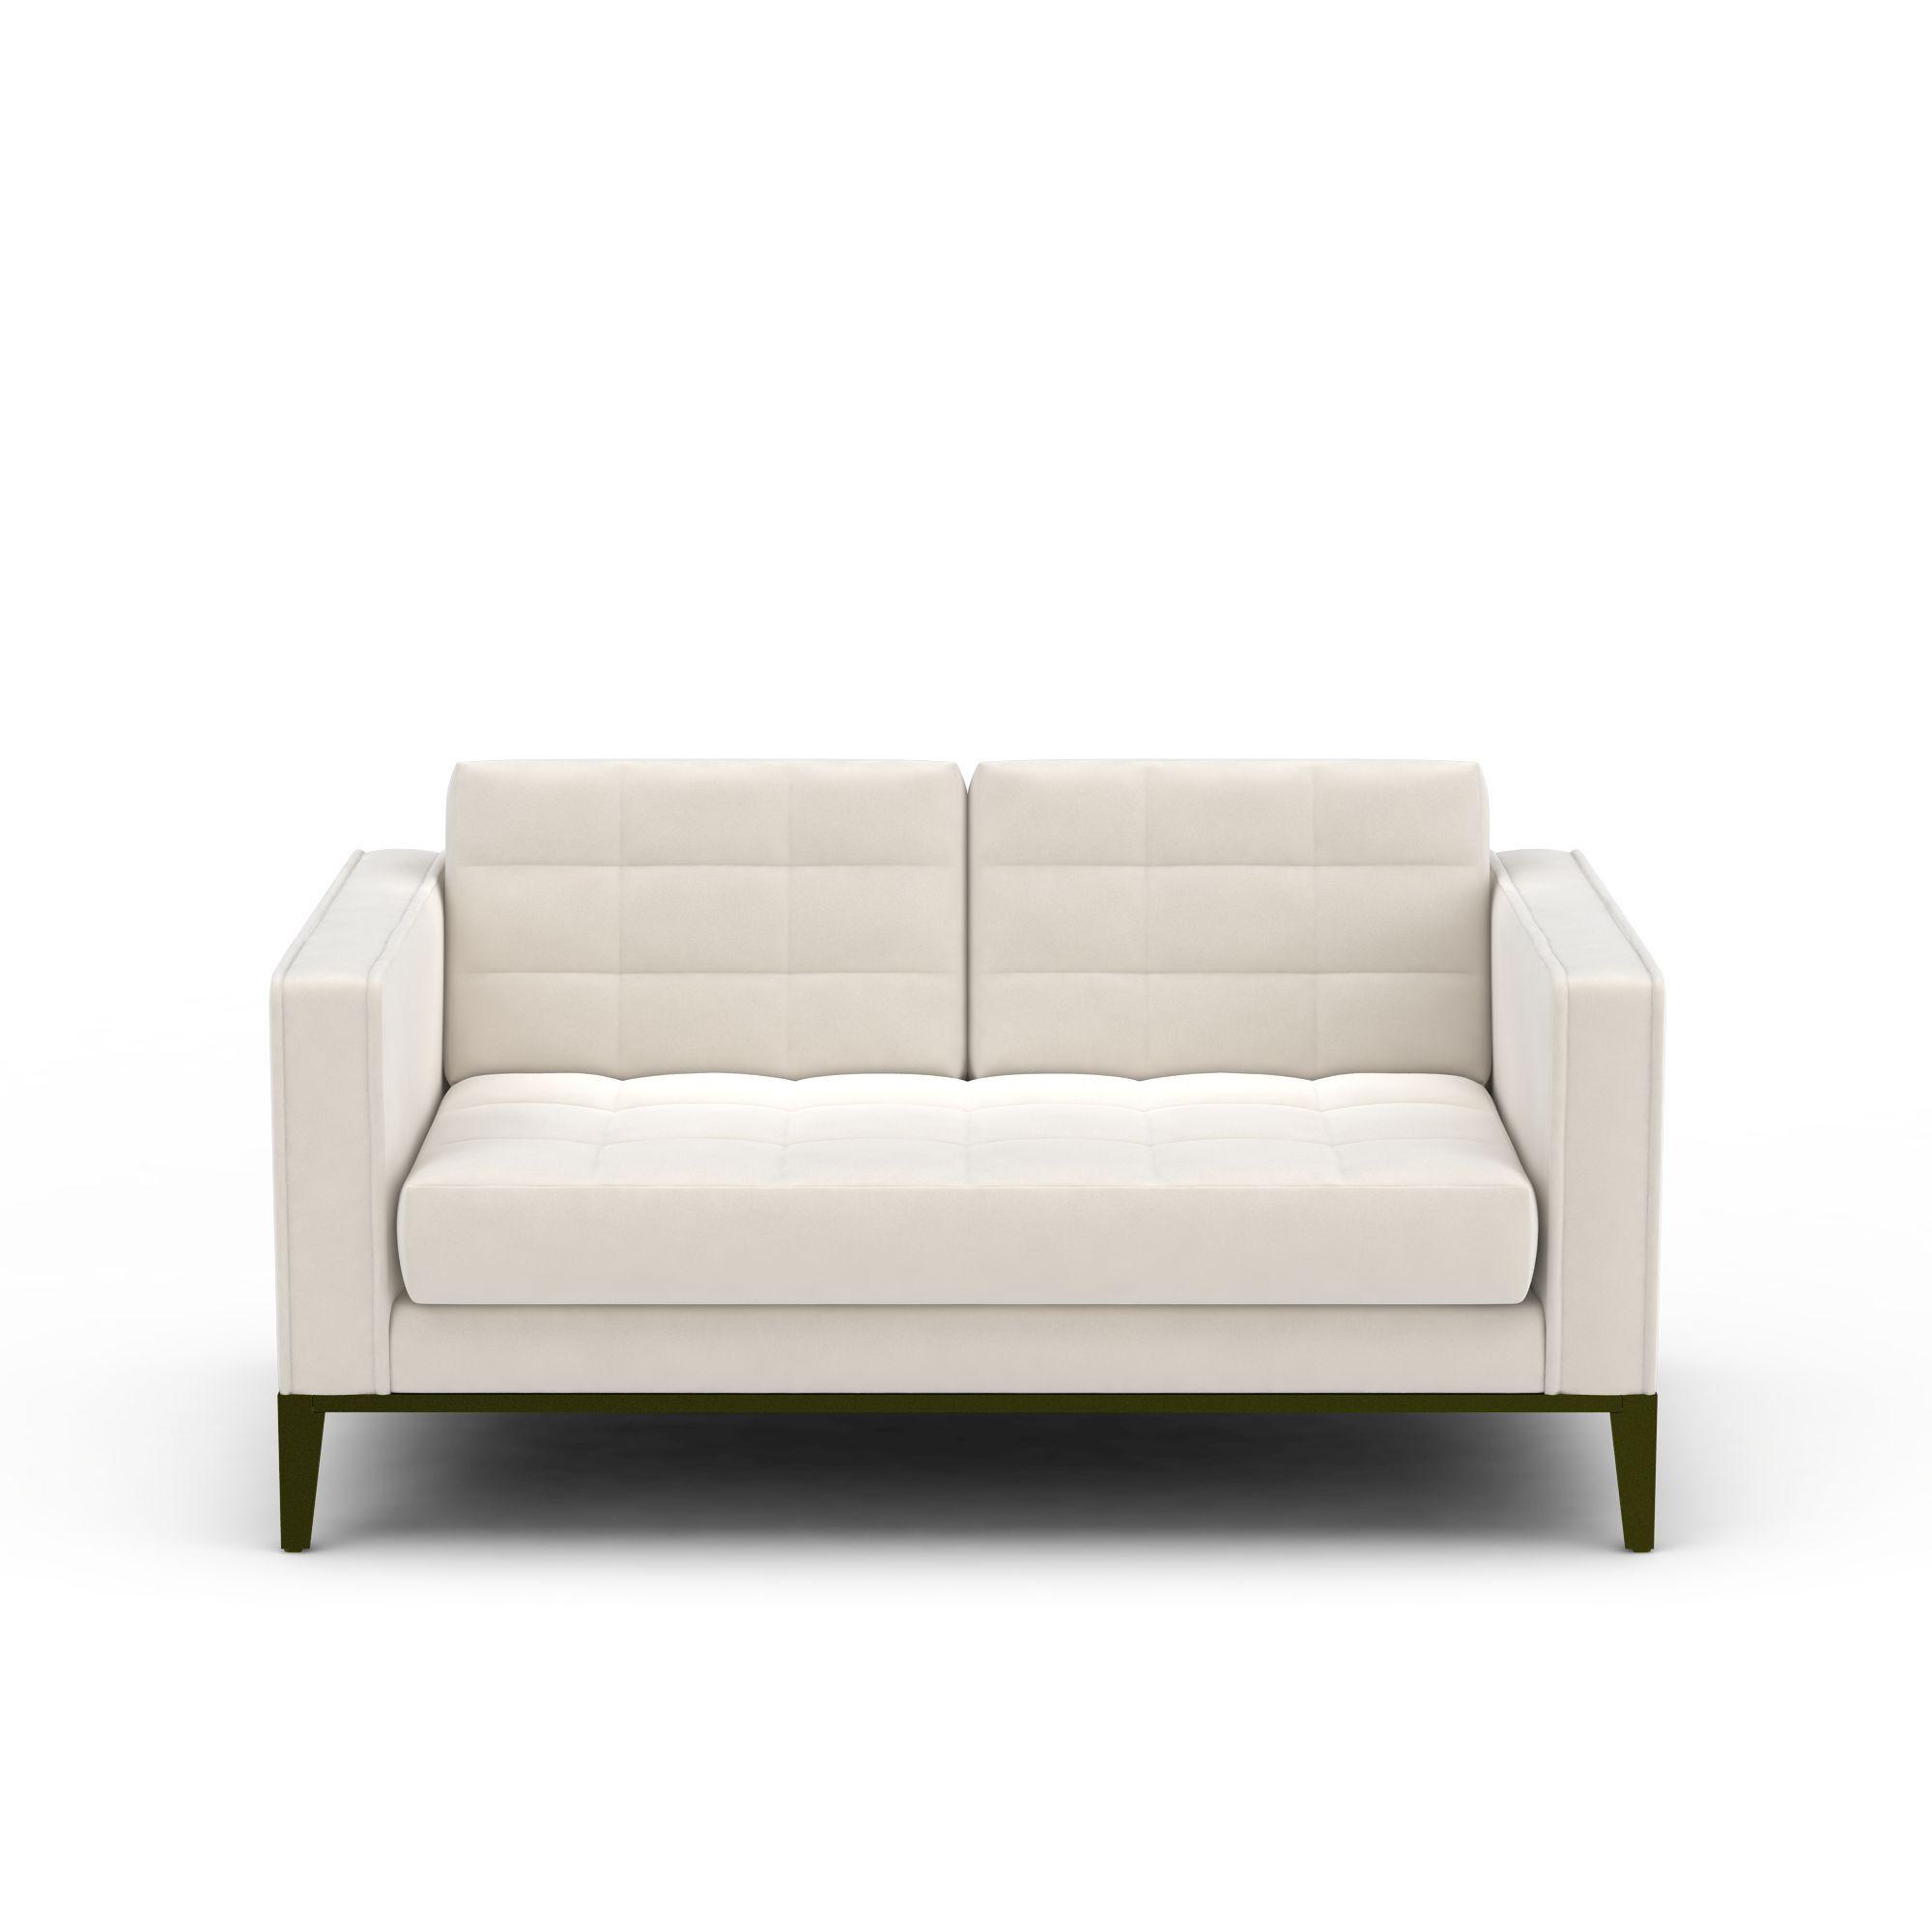 简约双人沙发图片_简约双人沙发png图片素材_简约双人